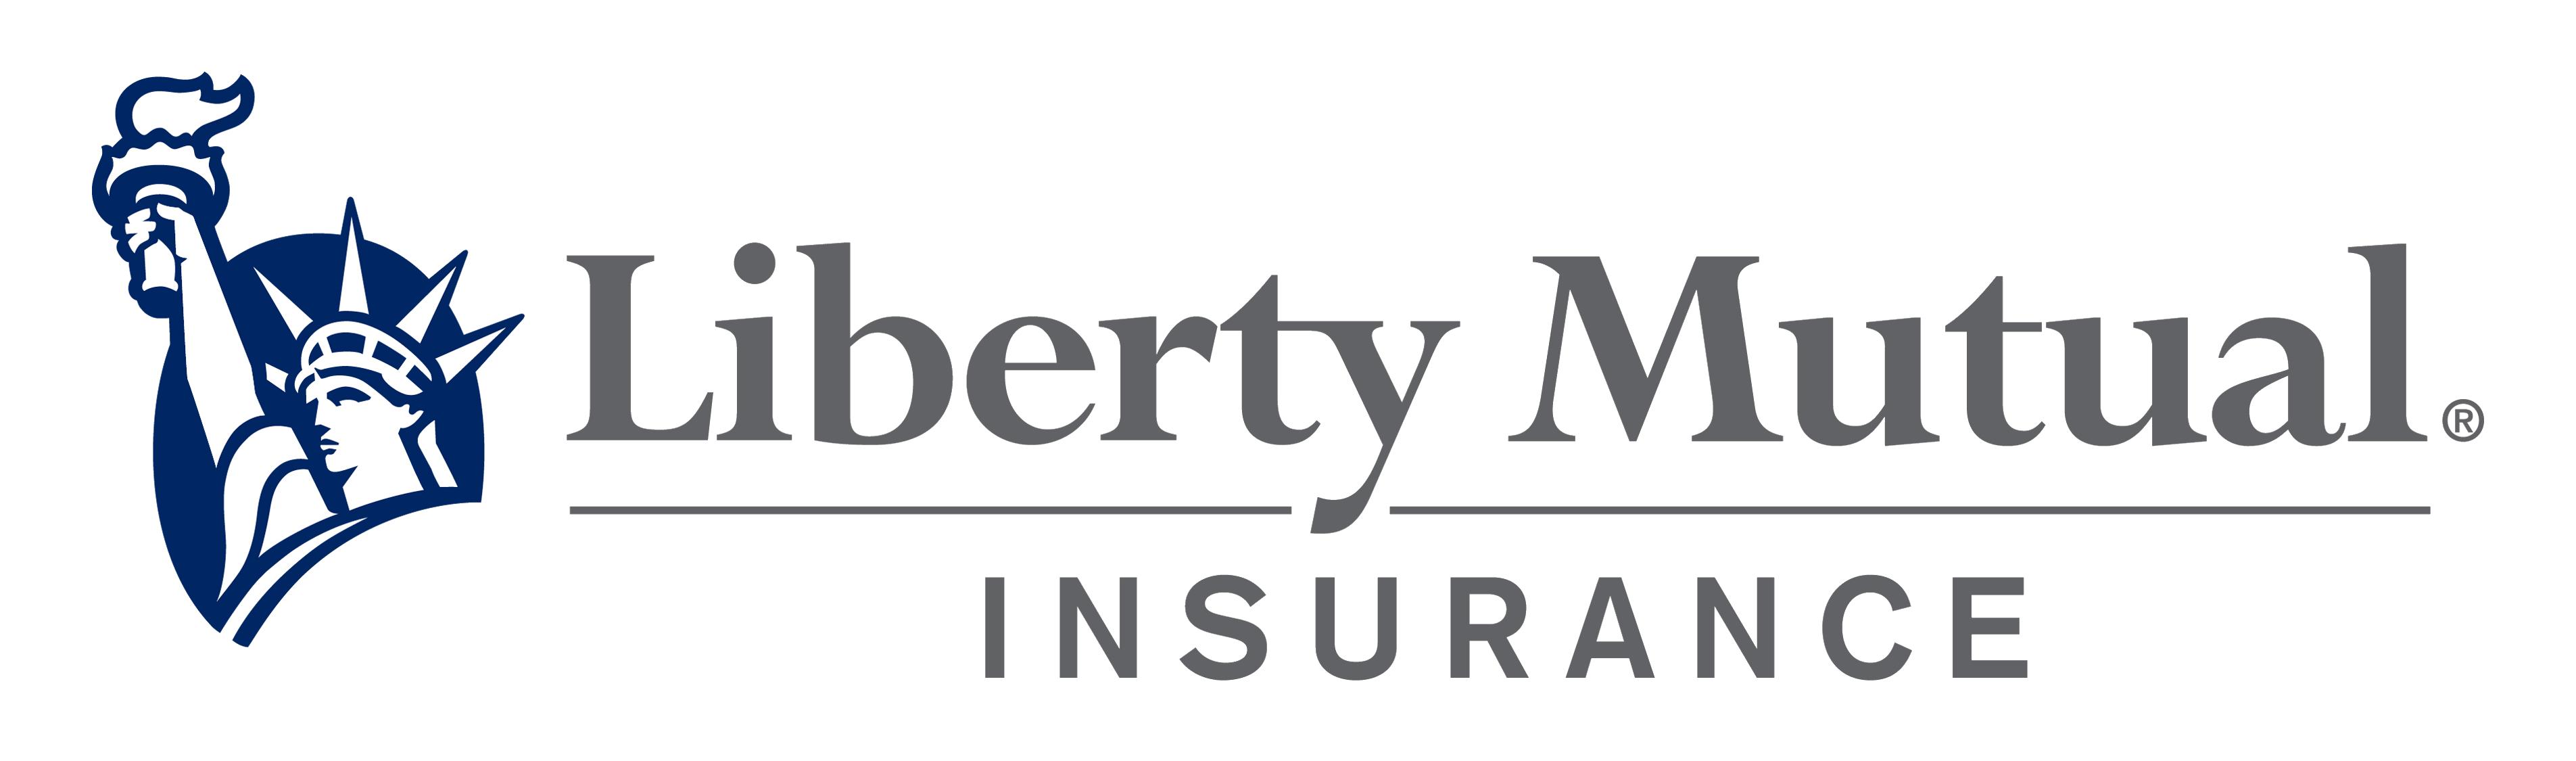 Liberty Mutual Insurance >> Liberty Mutual Insurance Logo Png Image Purepng Free Transparent